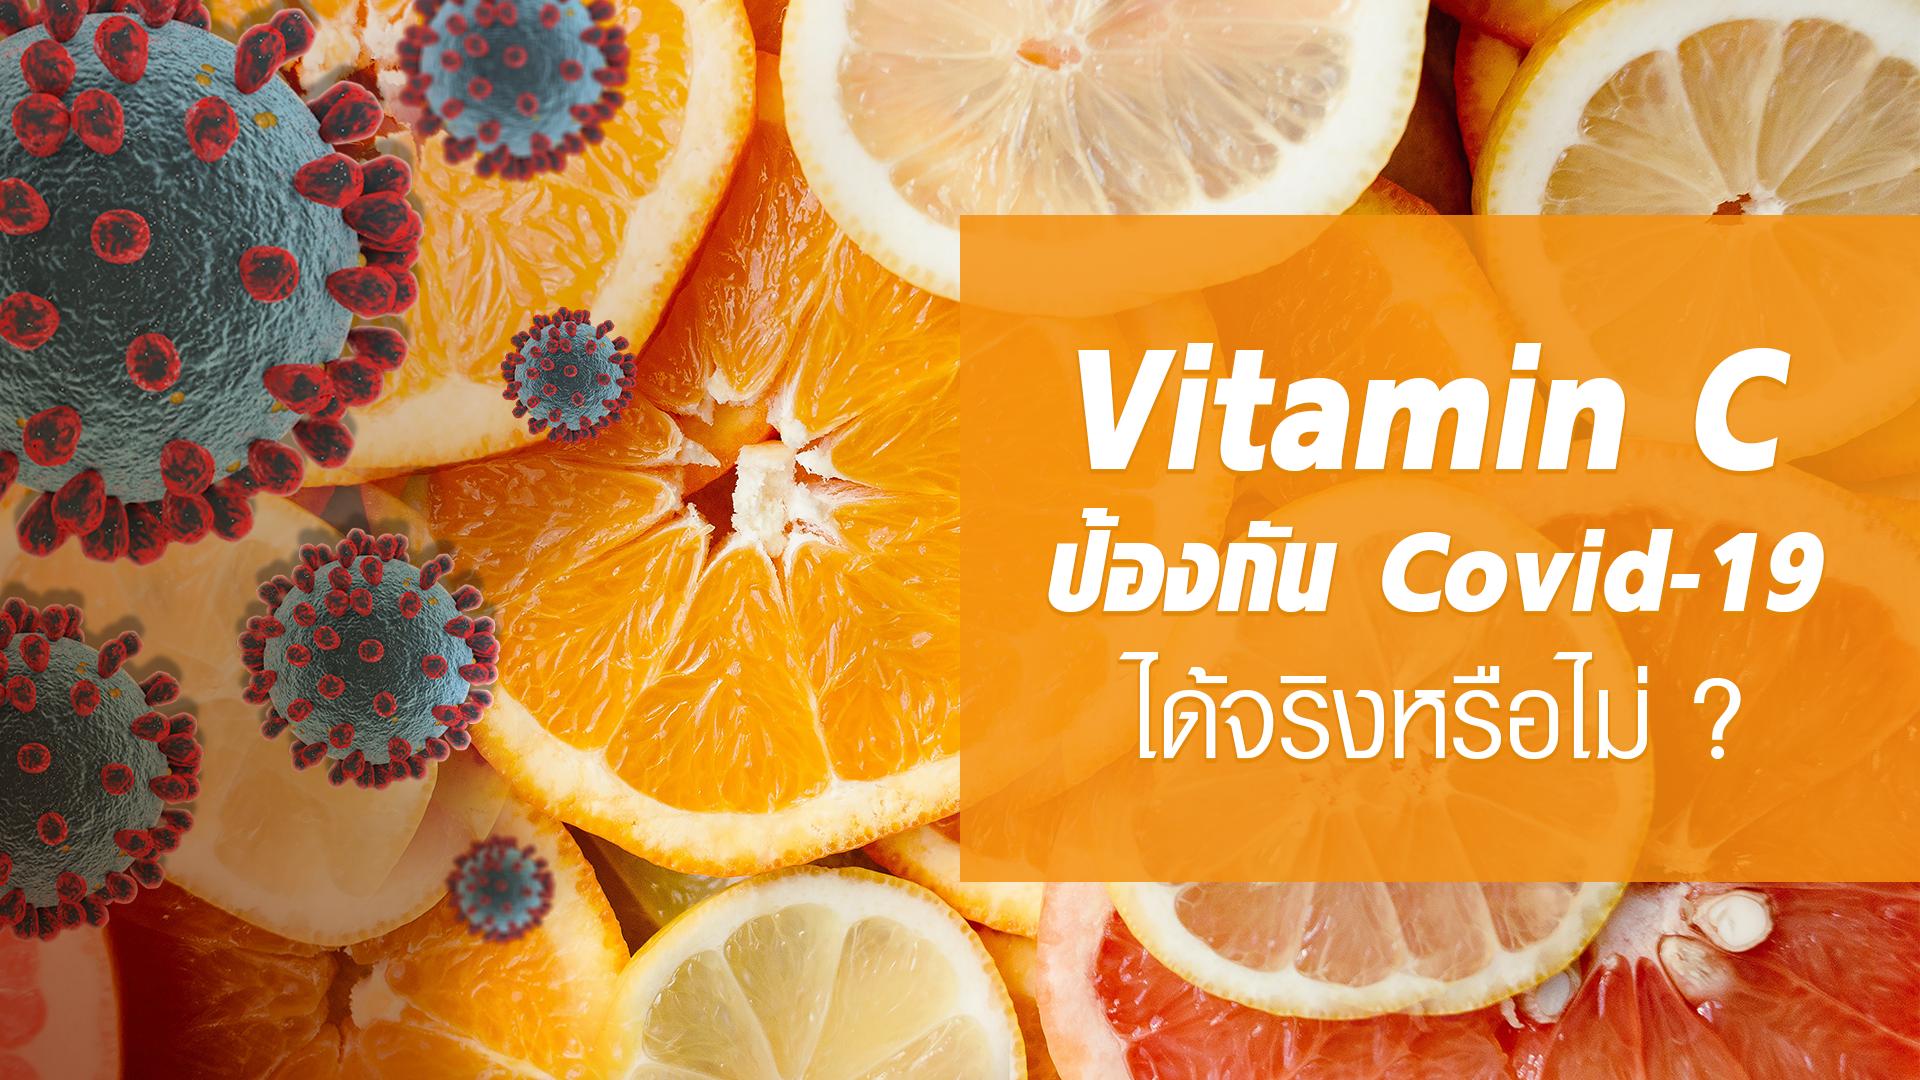 การกิน Vitamin C สามารถช่วยป้องกันการติดเชื้อ COVID-19 ได้จริงหรือ ?